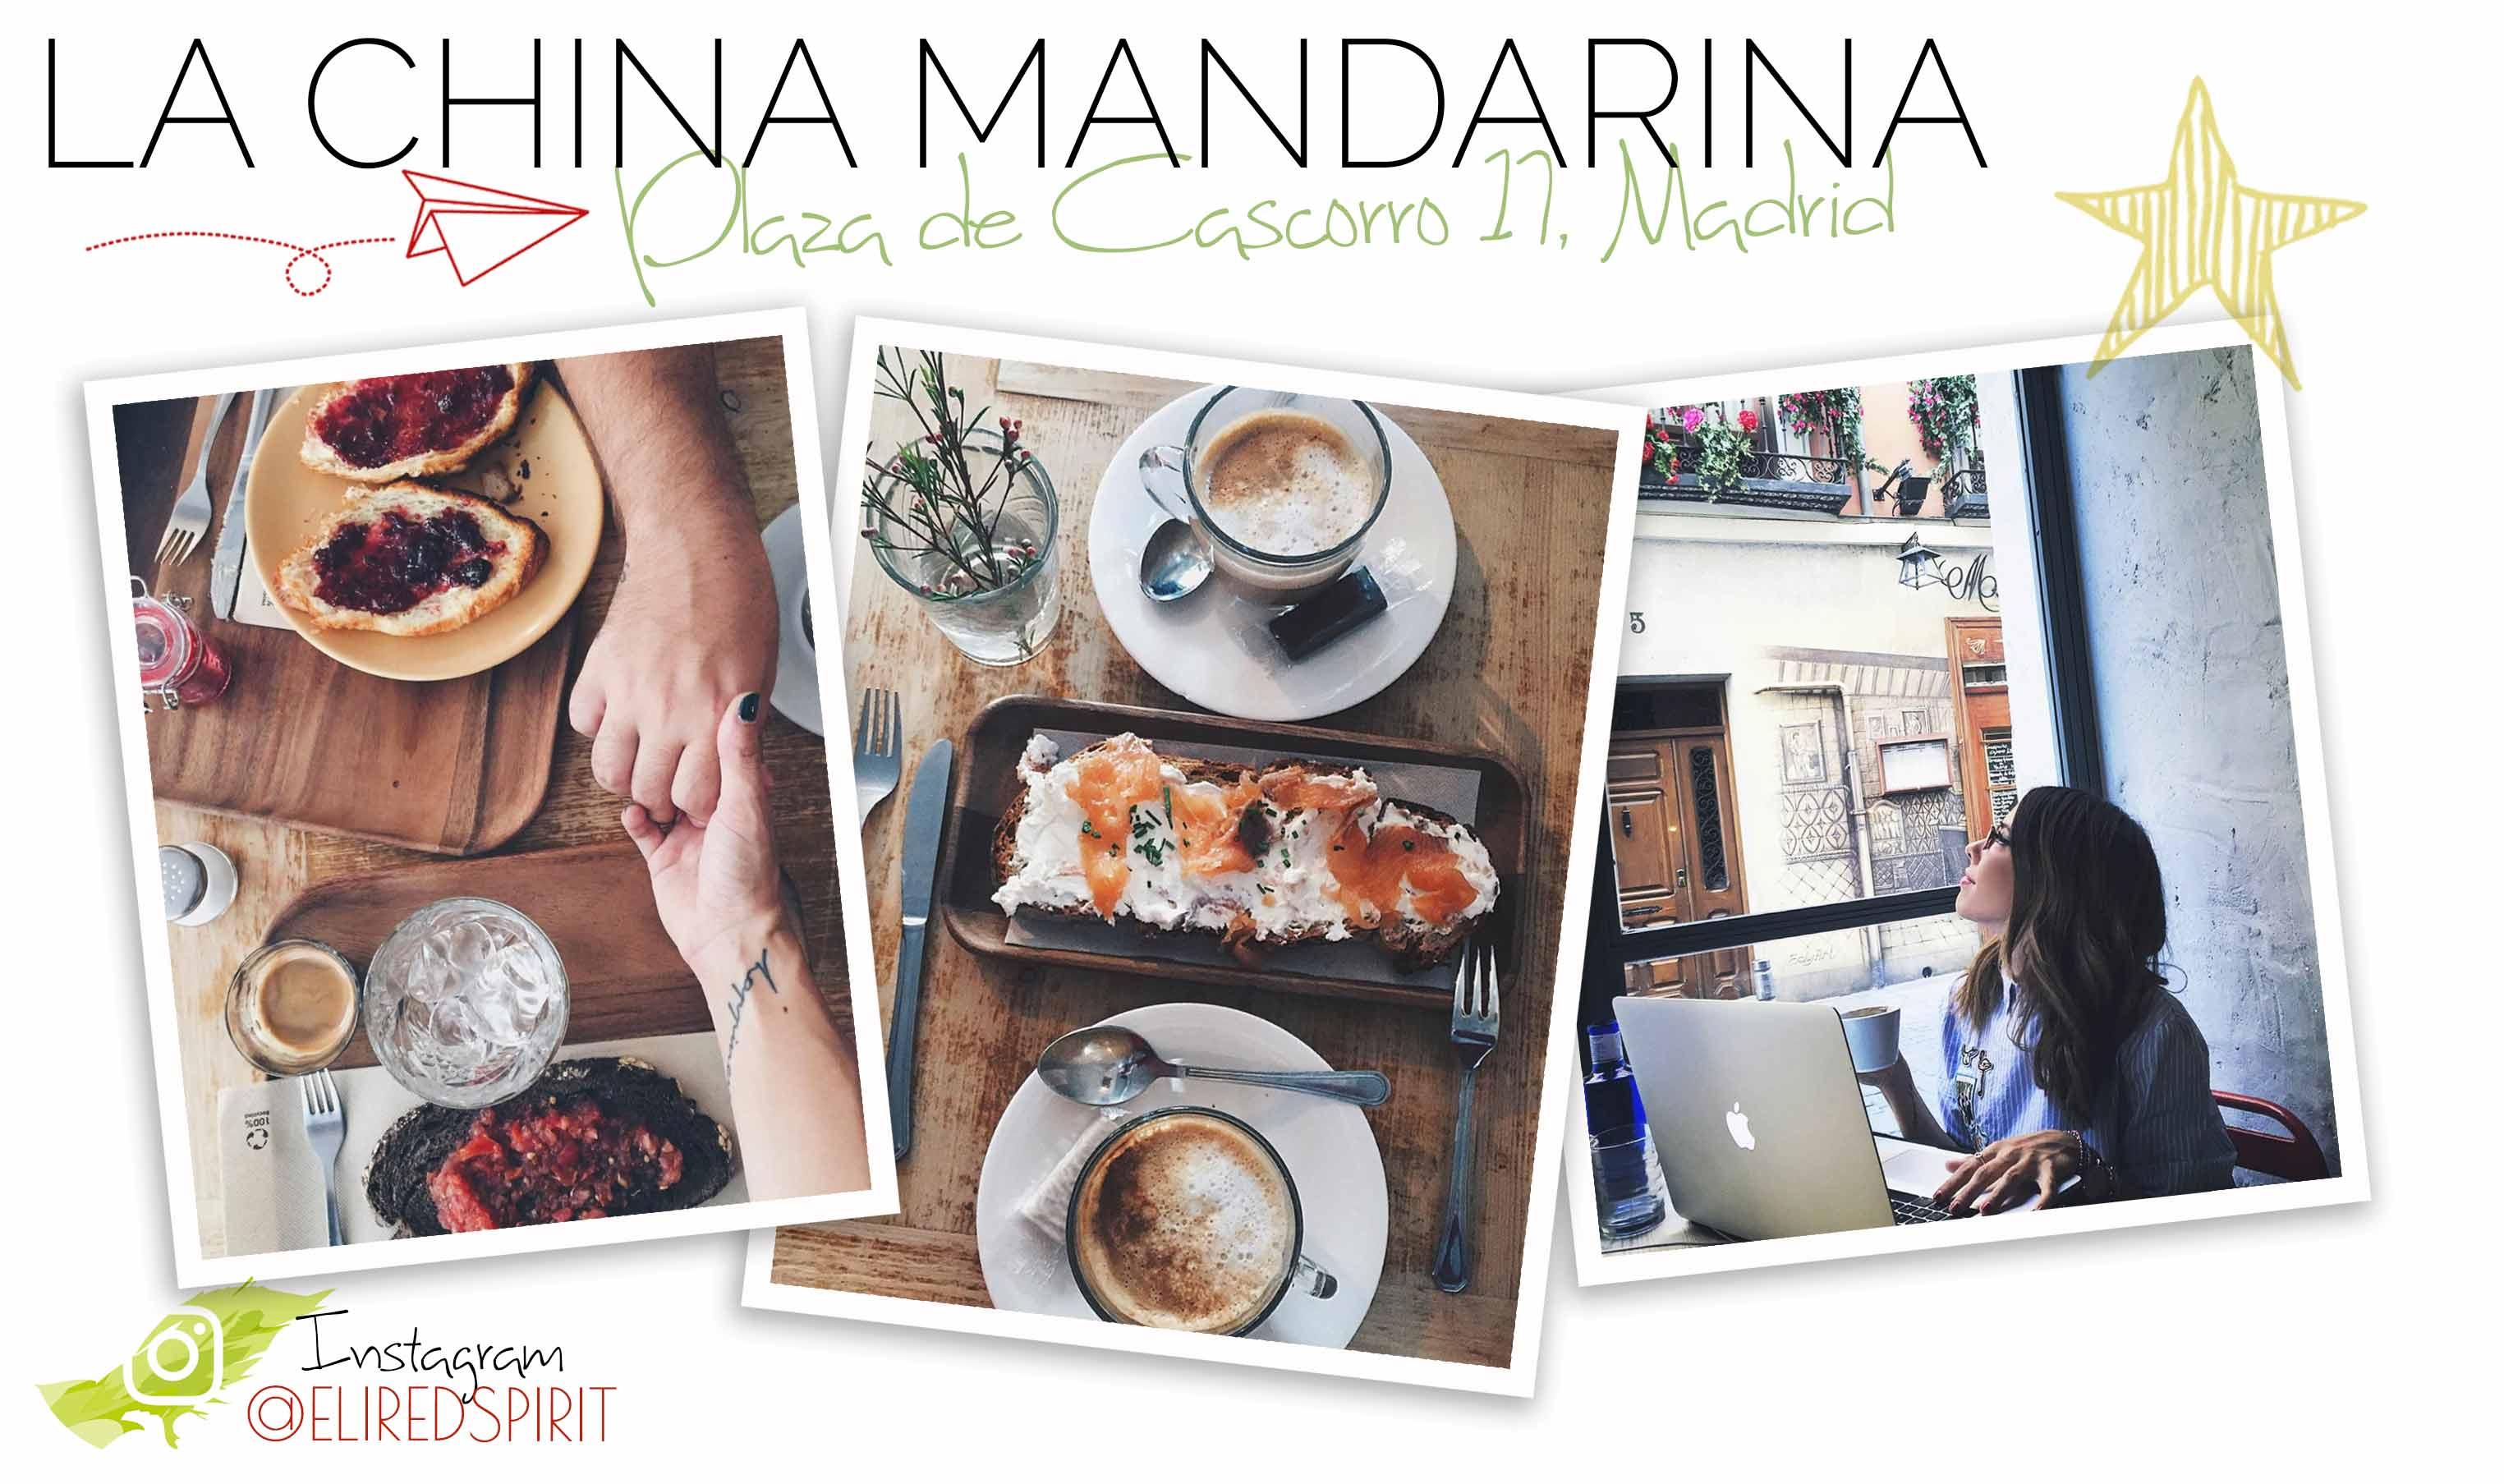 ChinaMandarina